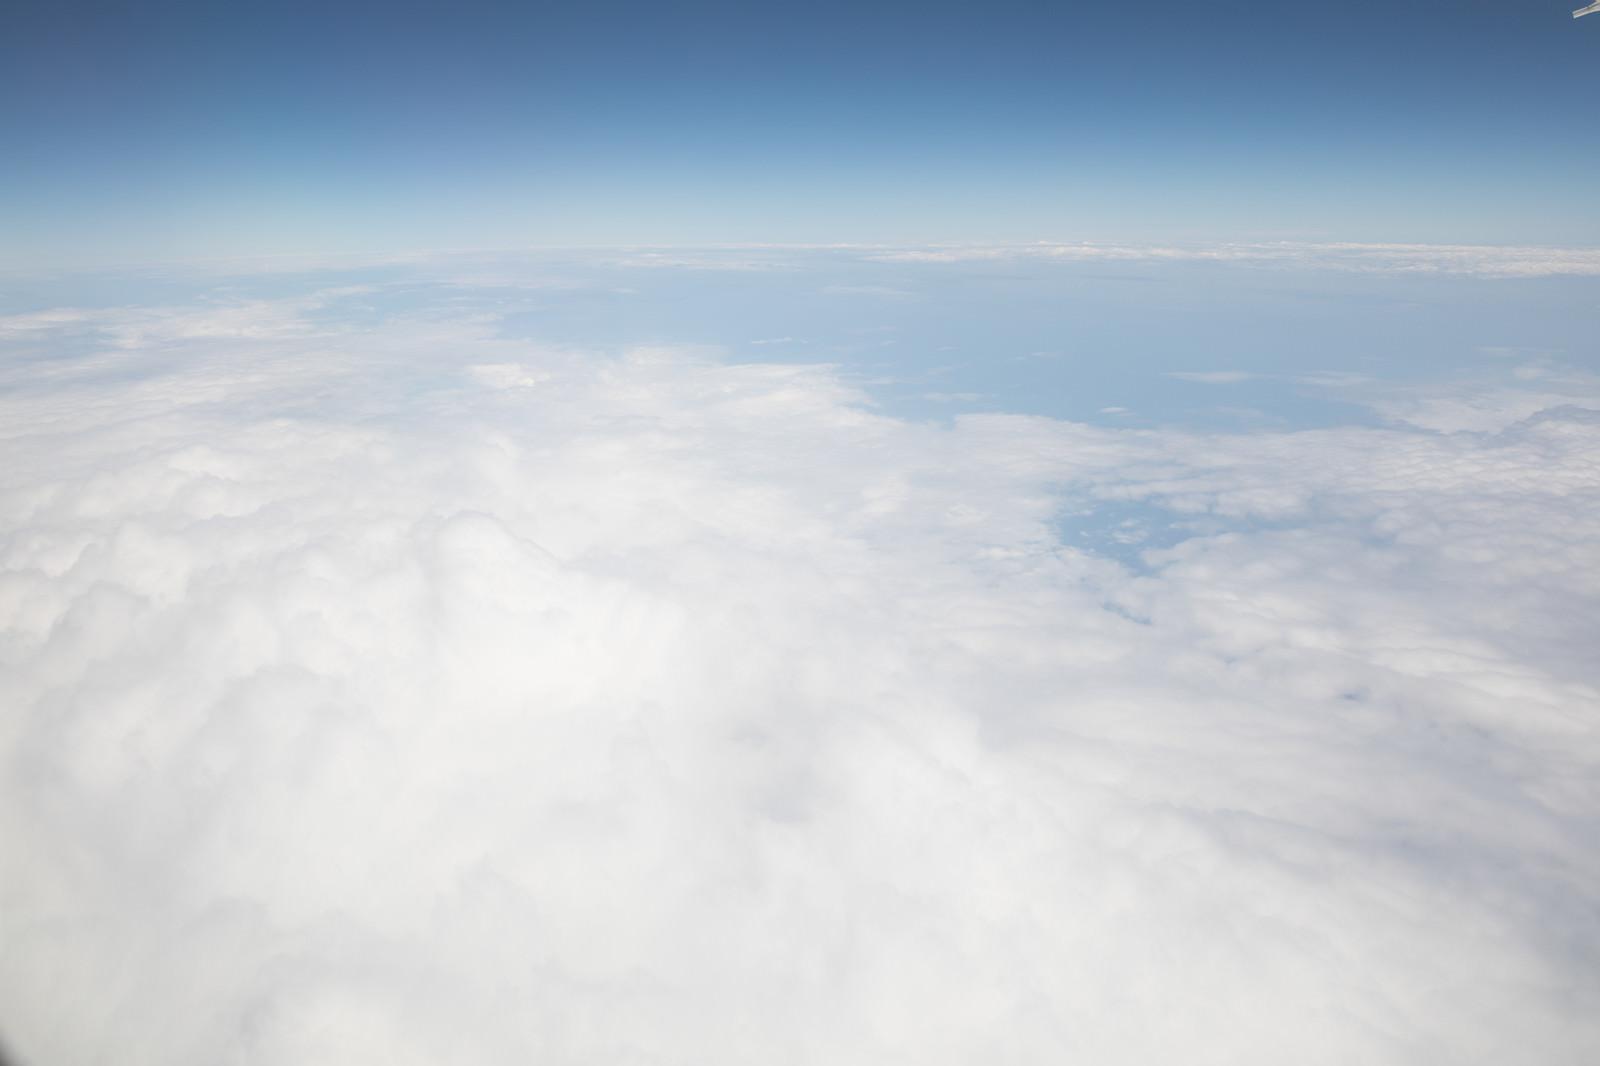 「上空の空(雲海)」の写真